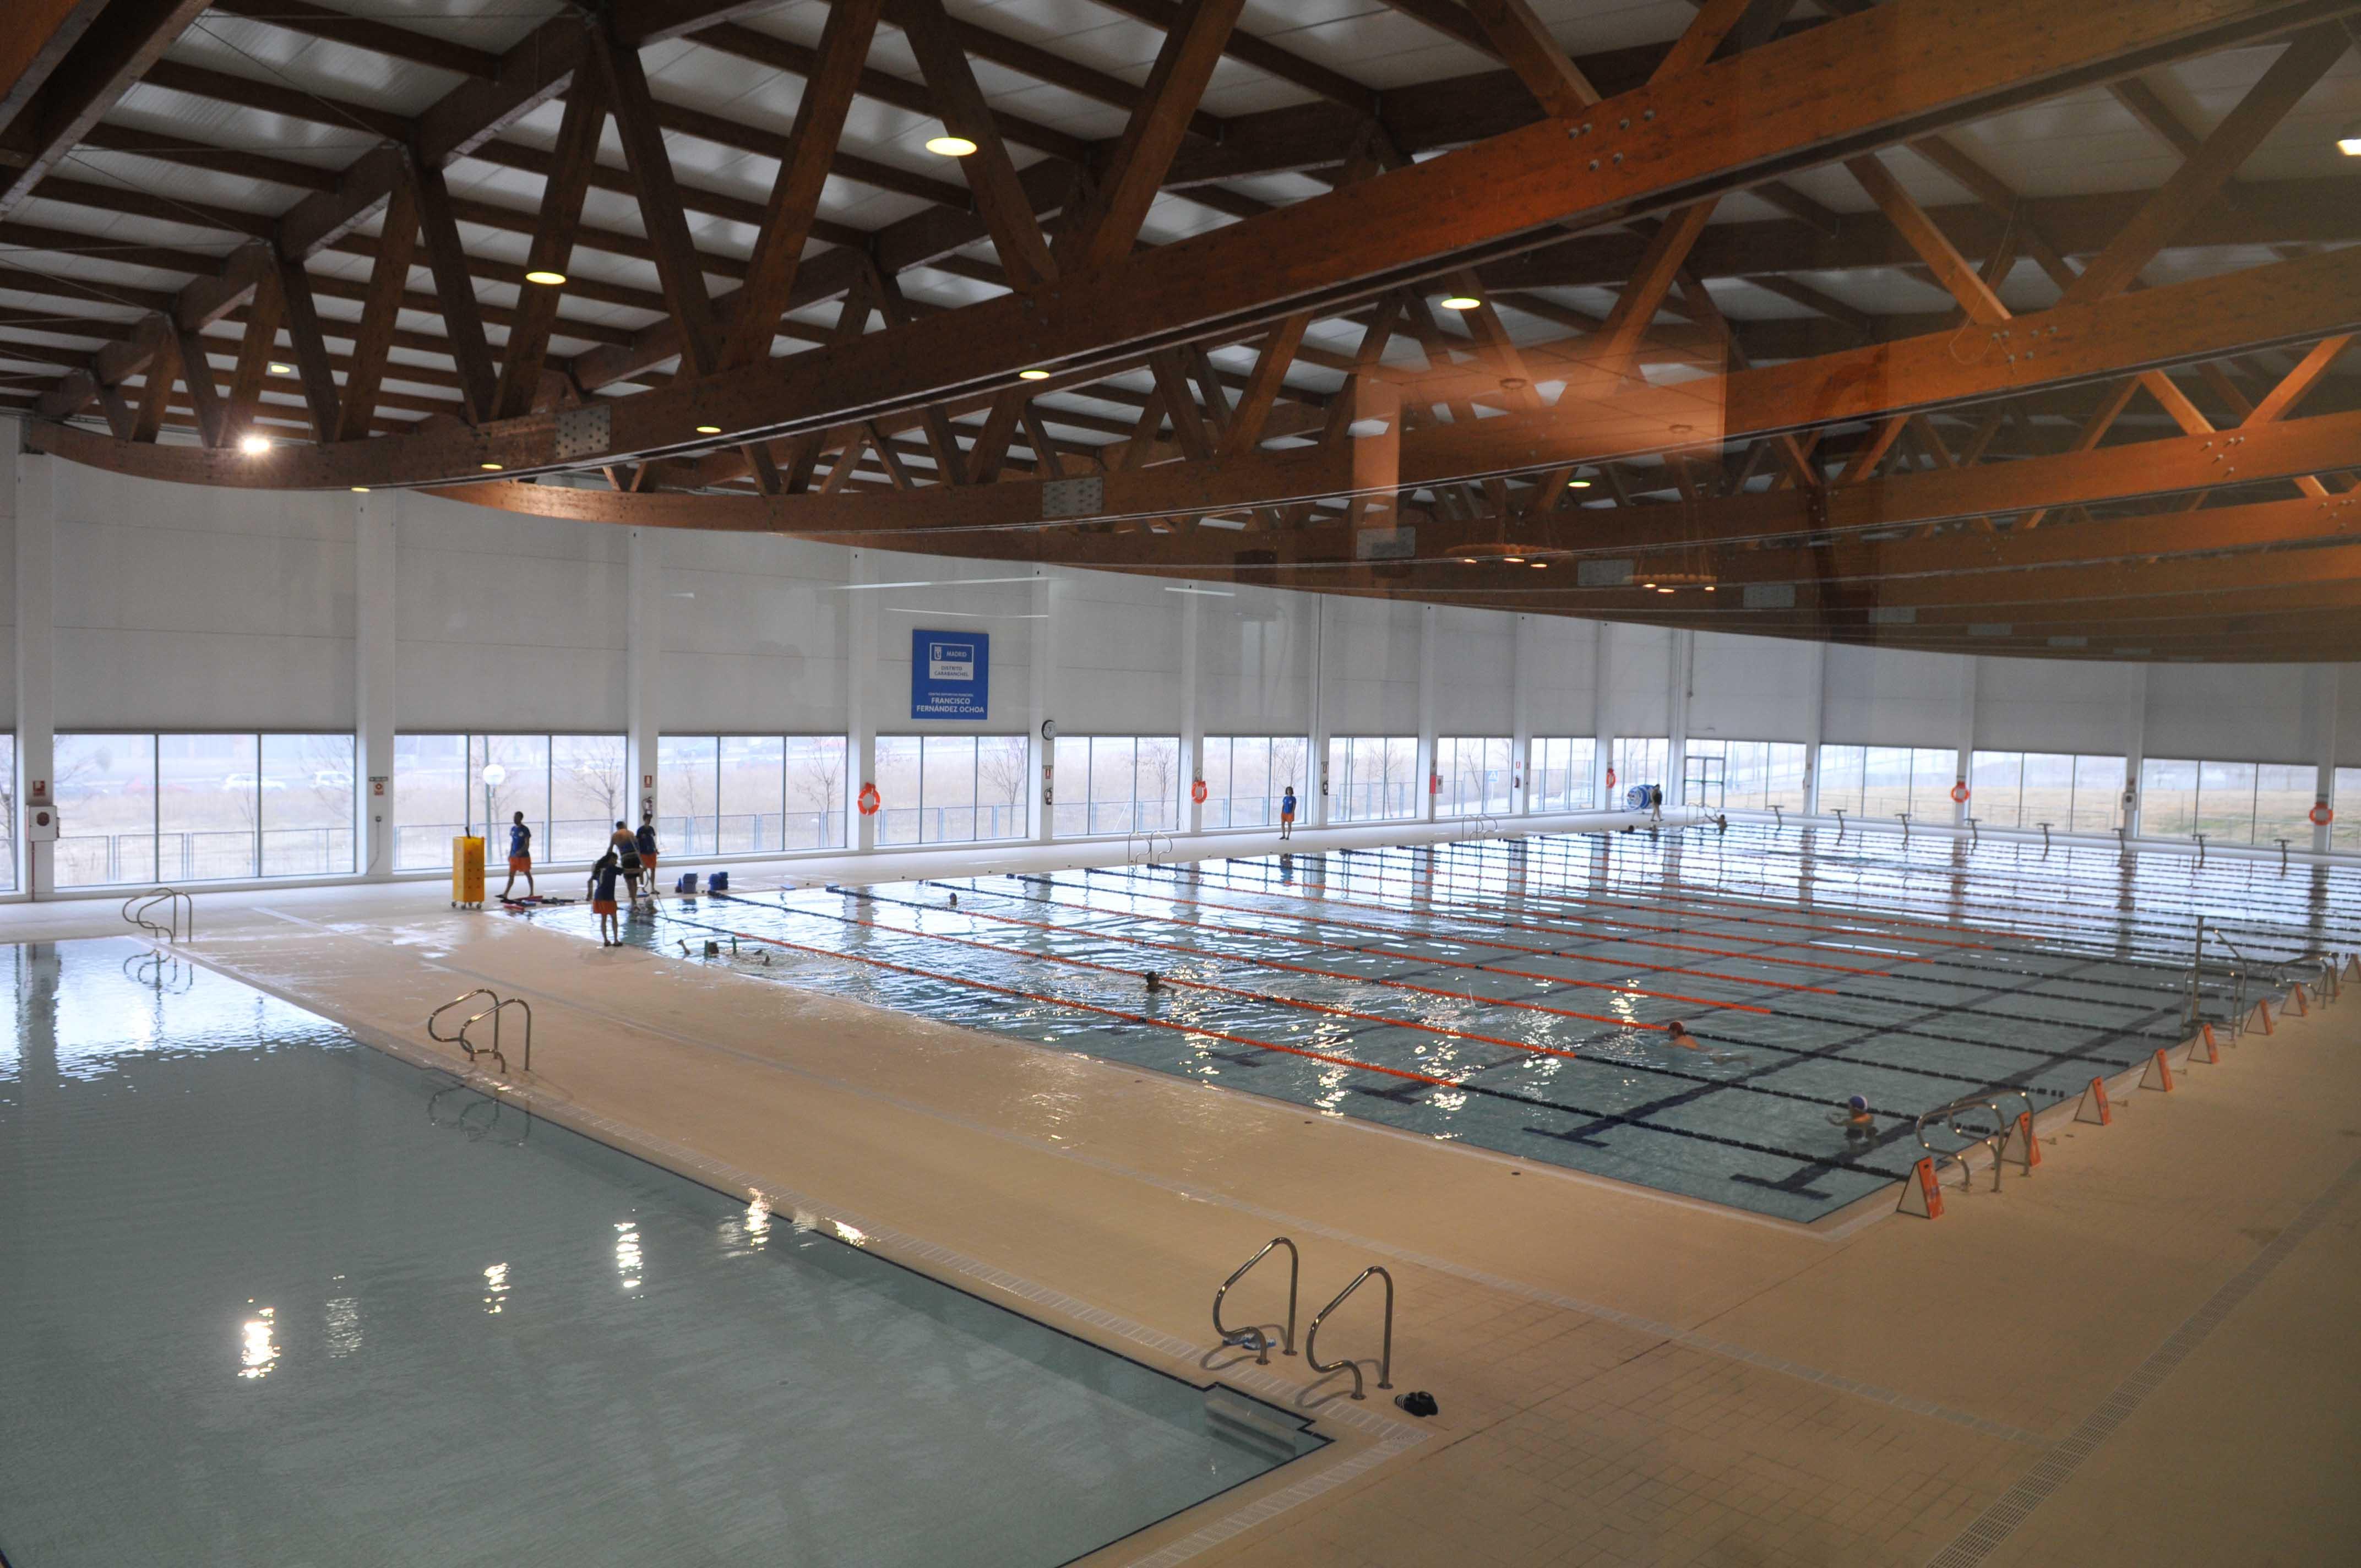 Centros deportivos seinsa instalaciones de for Piscinas municipales cubiertas madrid